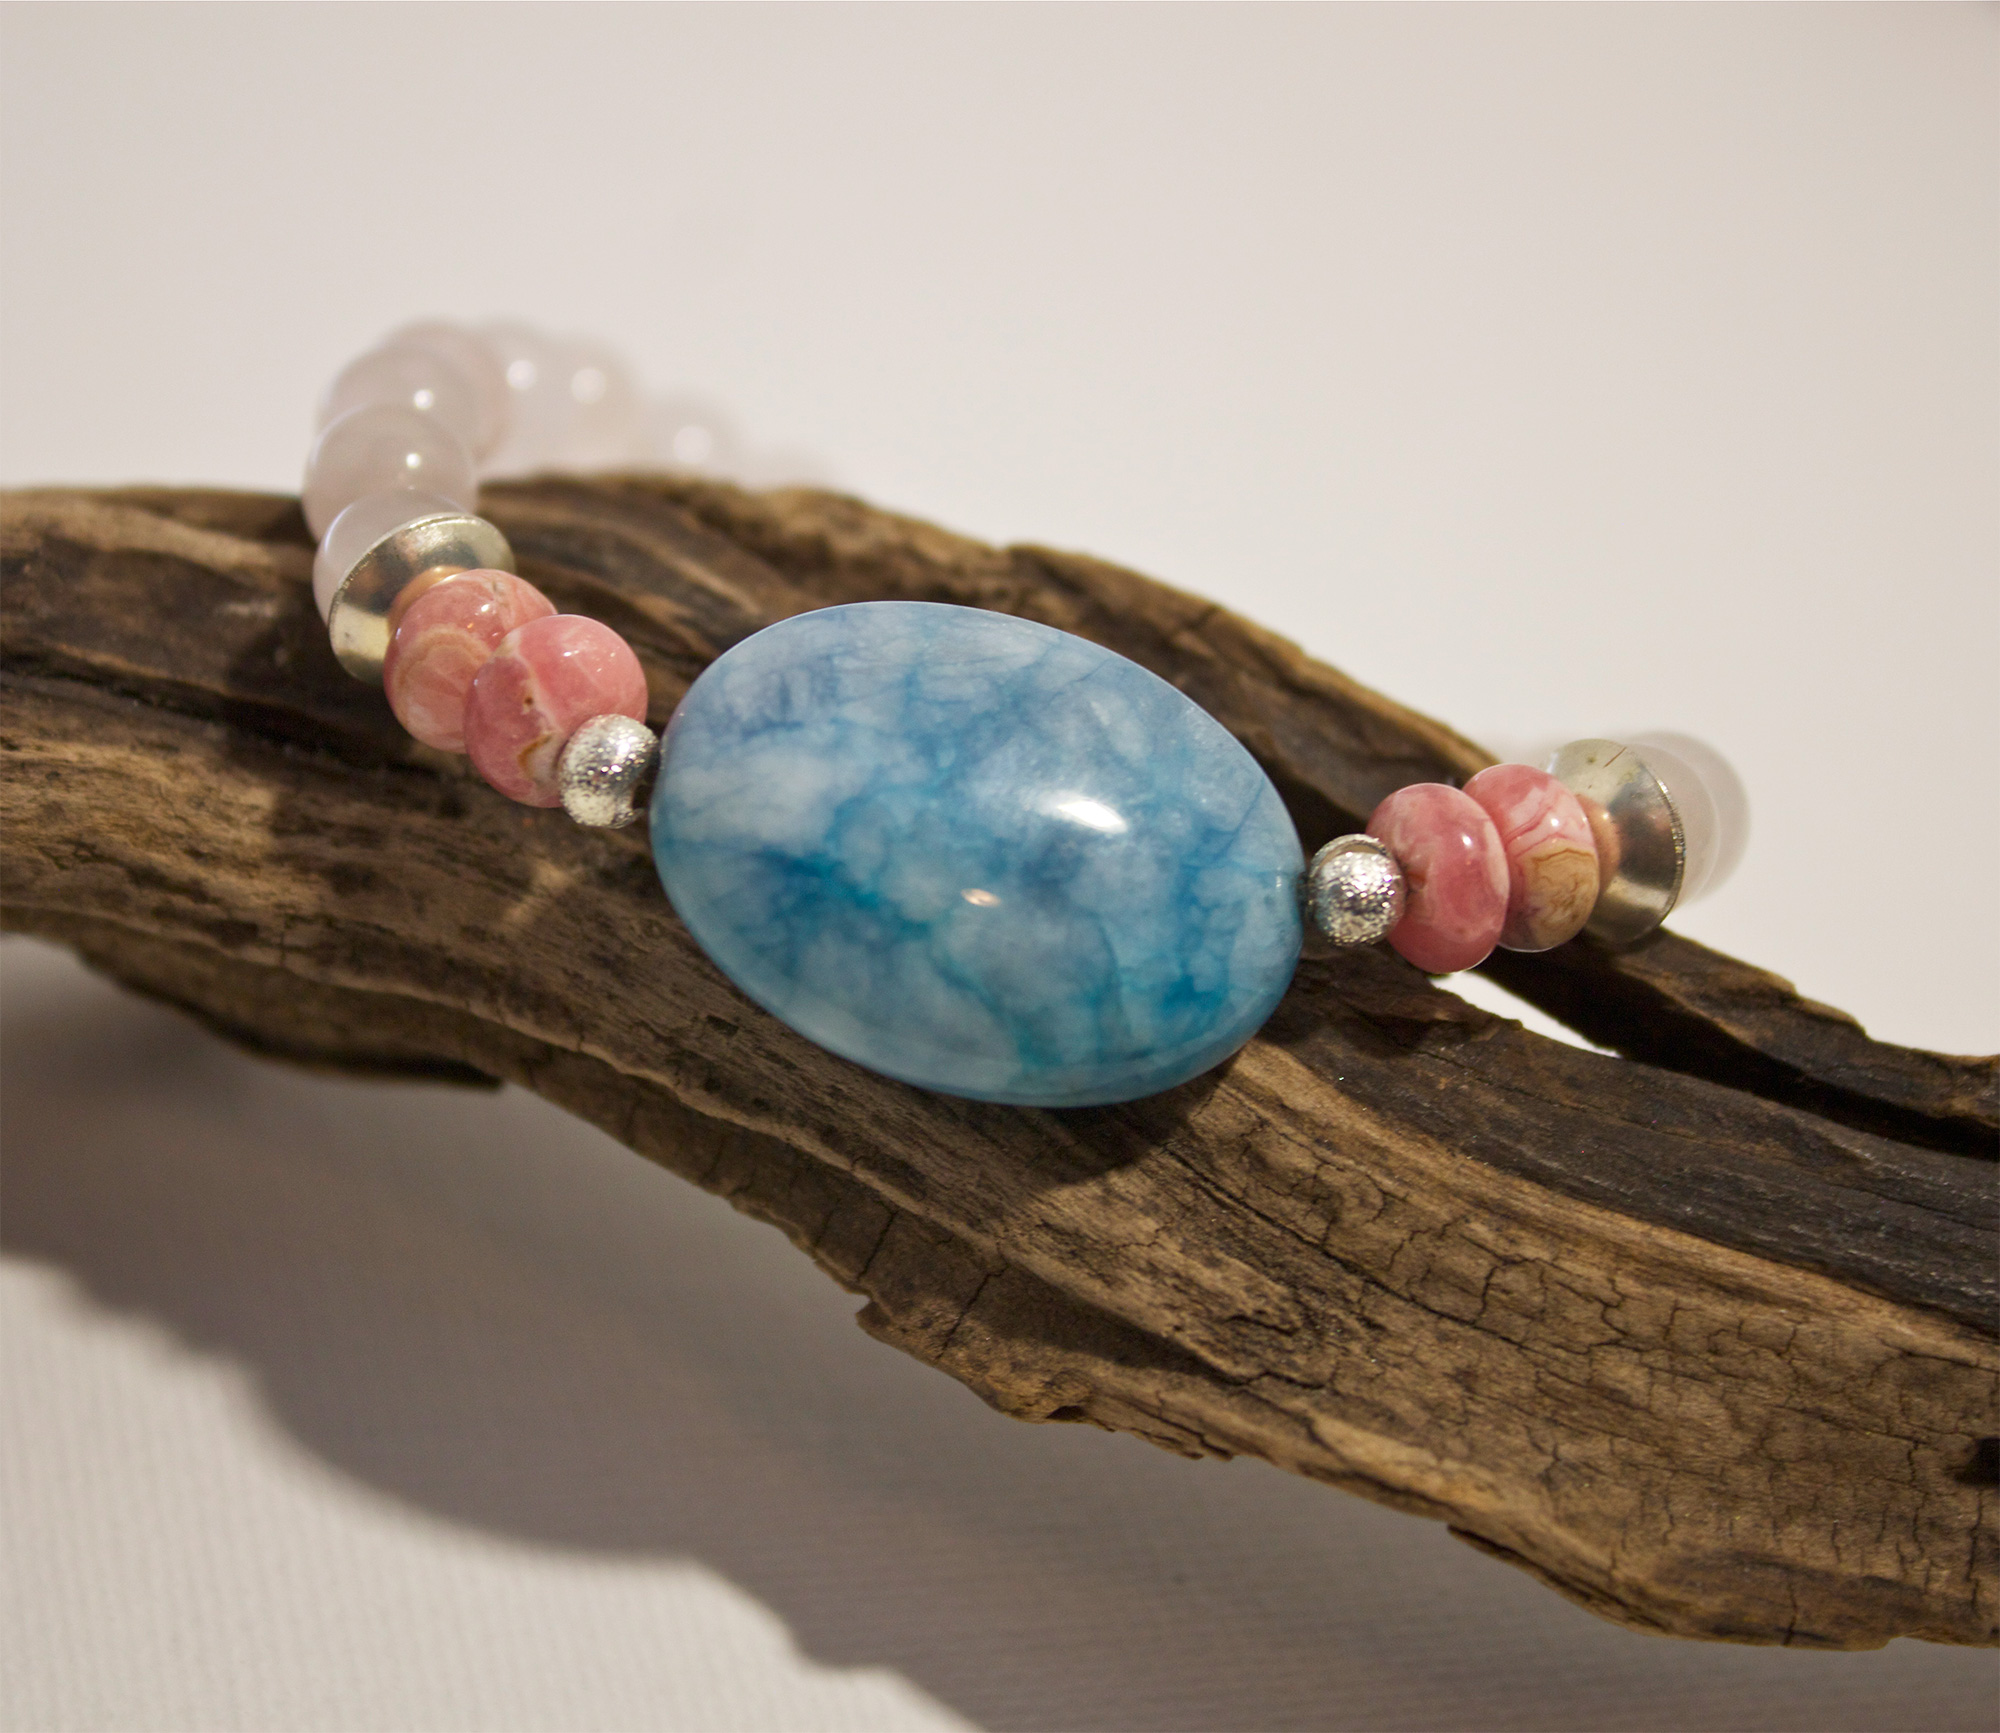 rose-quartz-and-larimar-wrist-mala.jpg